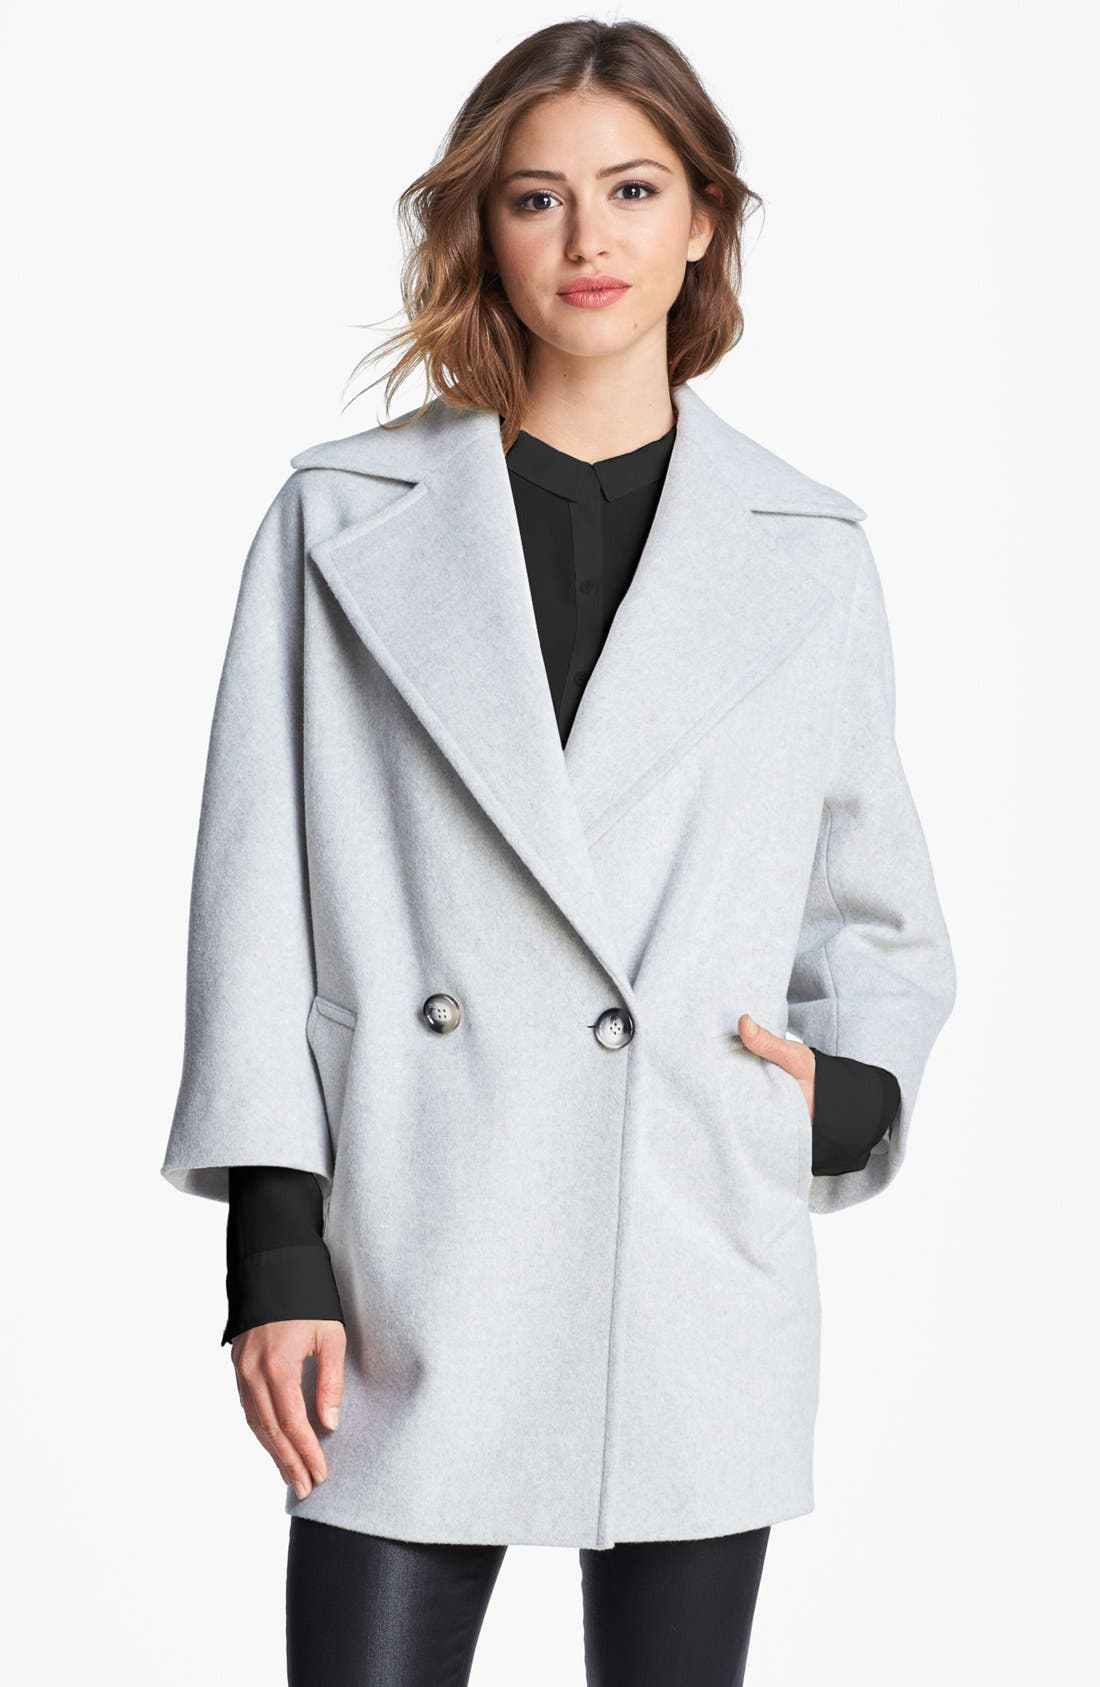 Alternate Image 1 Selected - Helene Berman Oversize Bracelet Sleeve Coat (Online Only)